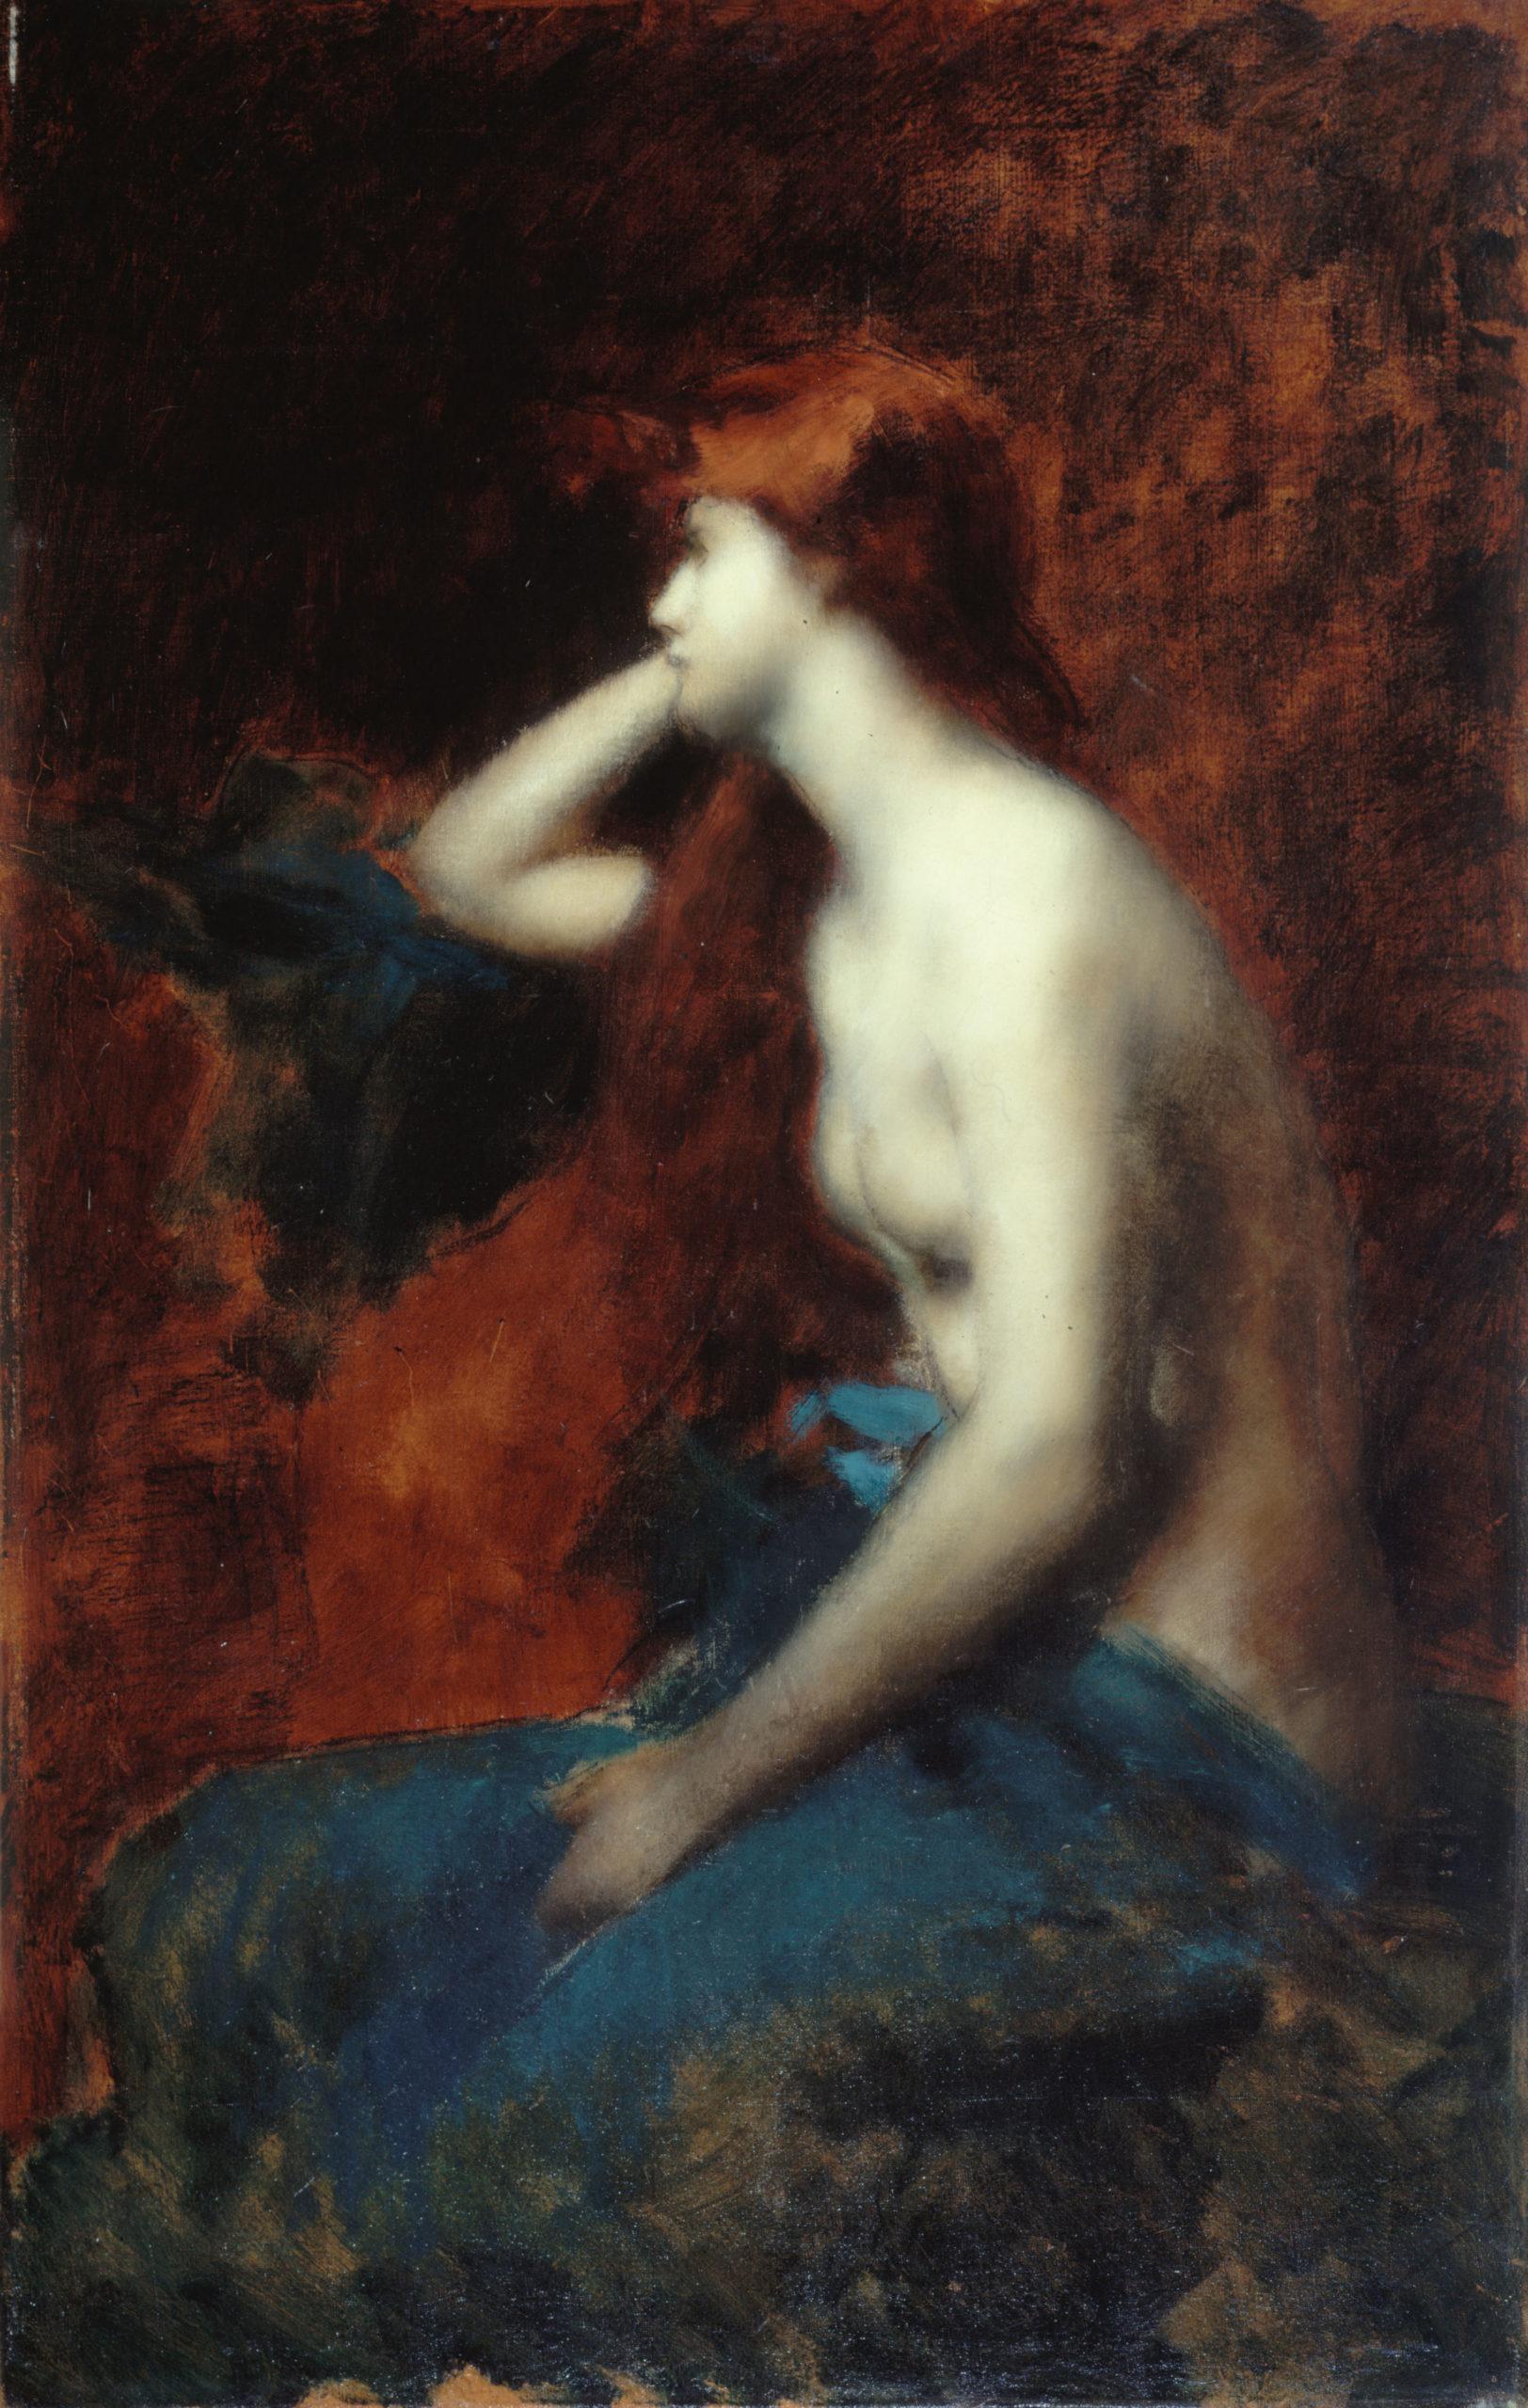 Jean-Jacques Henner, Rêverie, 1904-1905, huile sur toile, Paris, Petit Palais, musée des Beaux-Arts de la Ville de Paris. Photo CC0 Paris Musées / Petit Palais